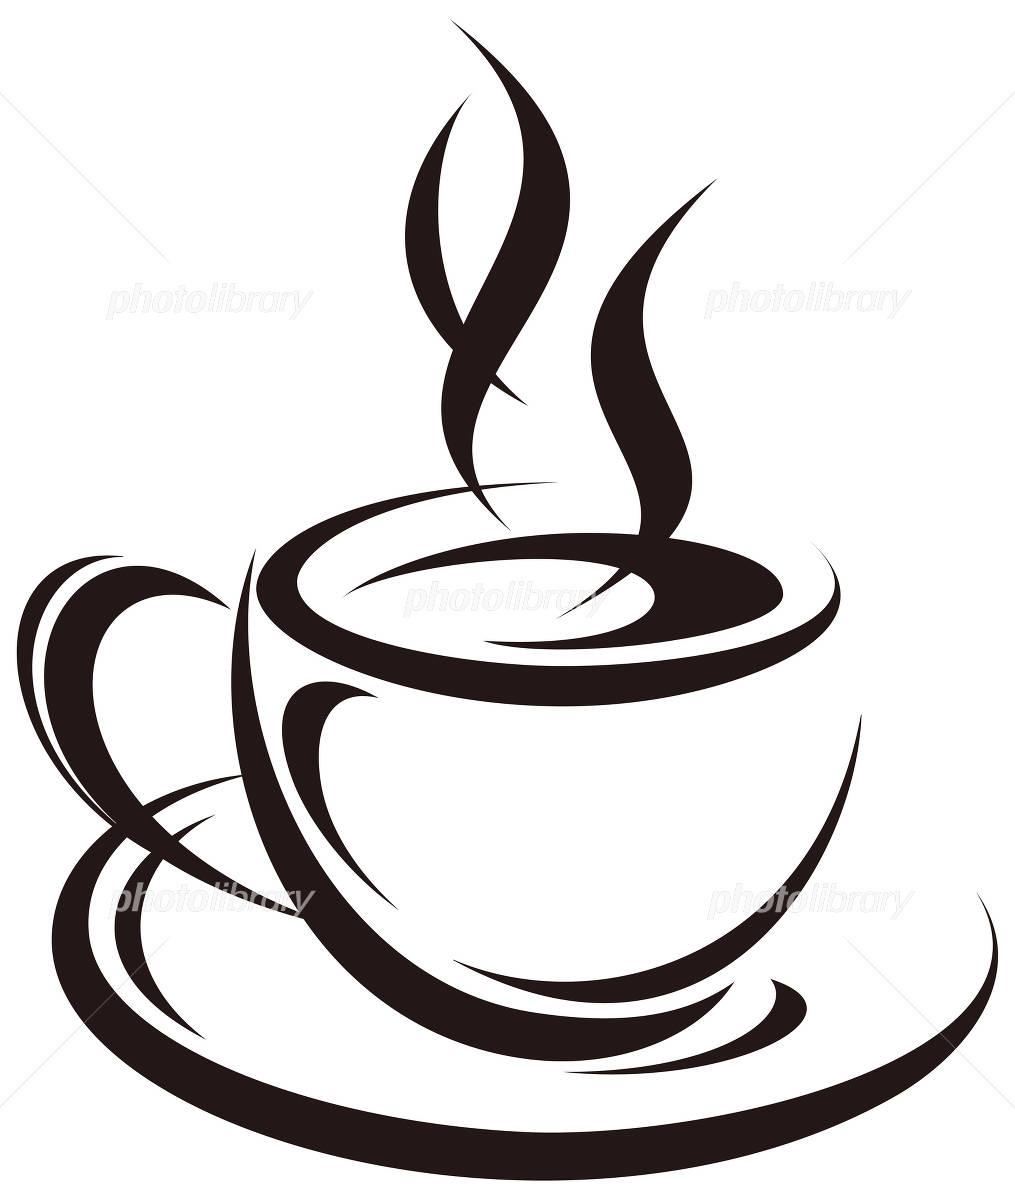 コーヒー イラスト素材 1138329 フォトライブラリー Photolibrary